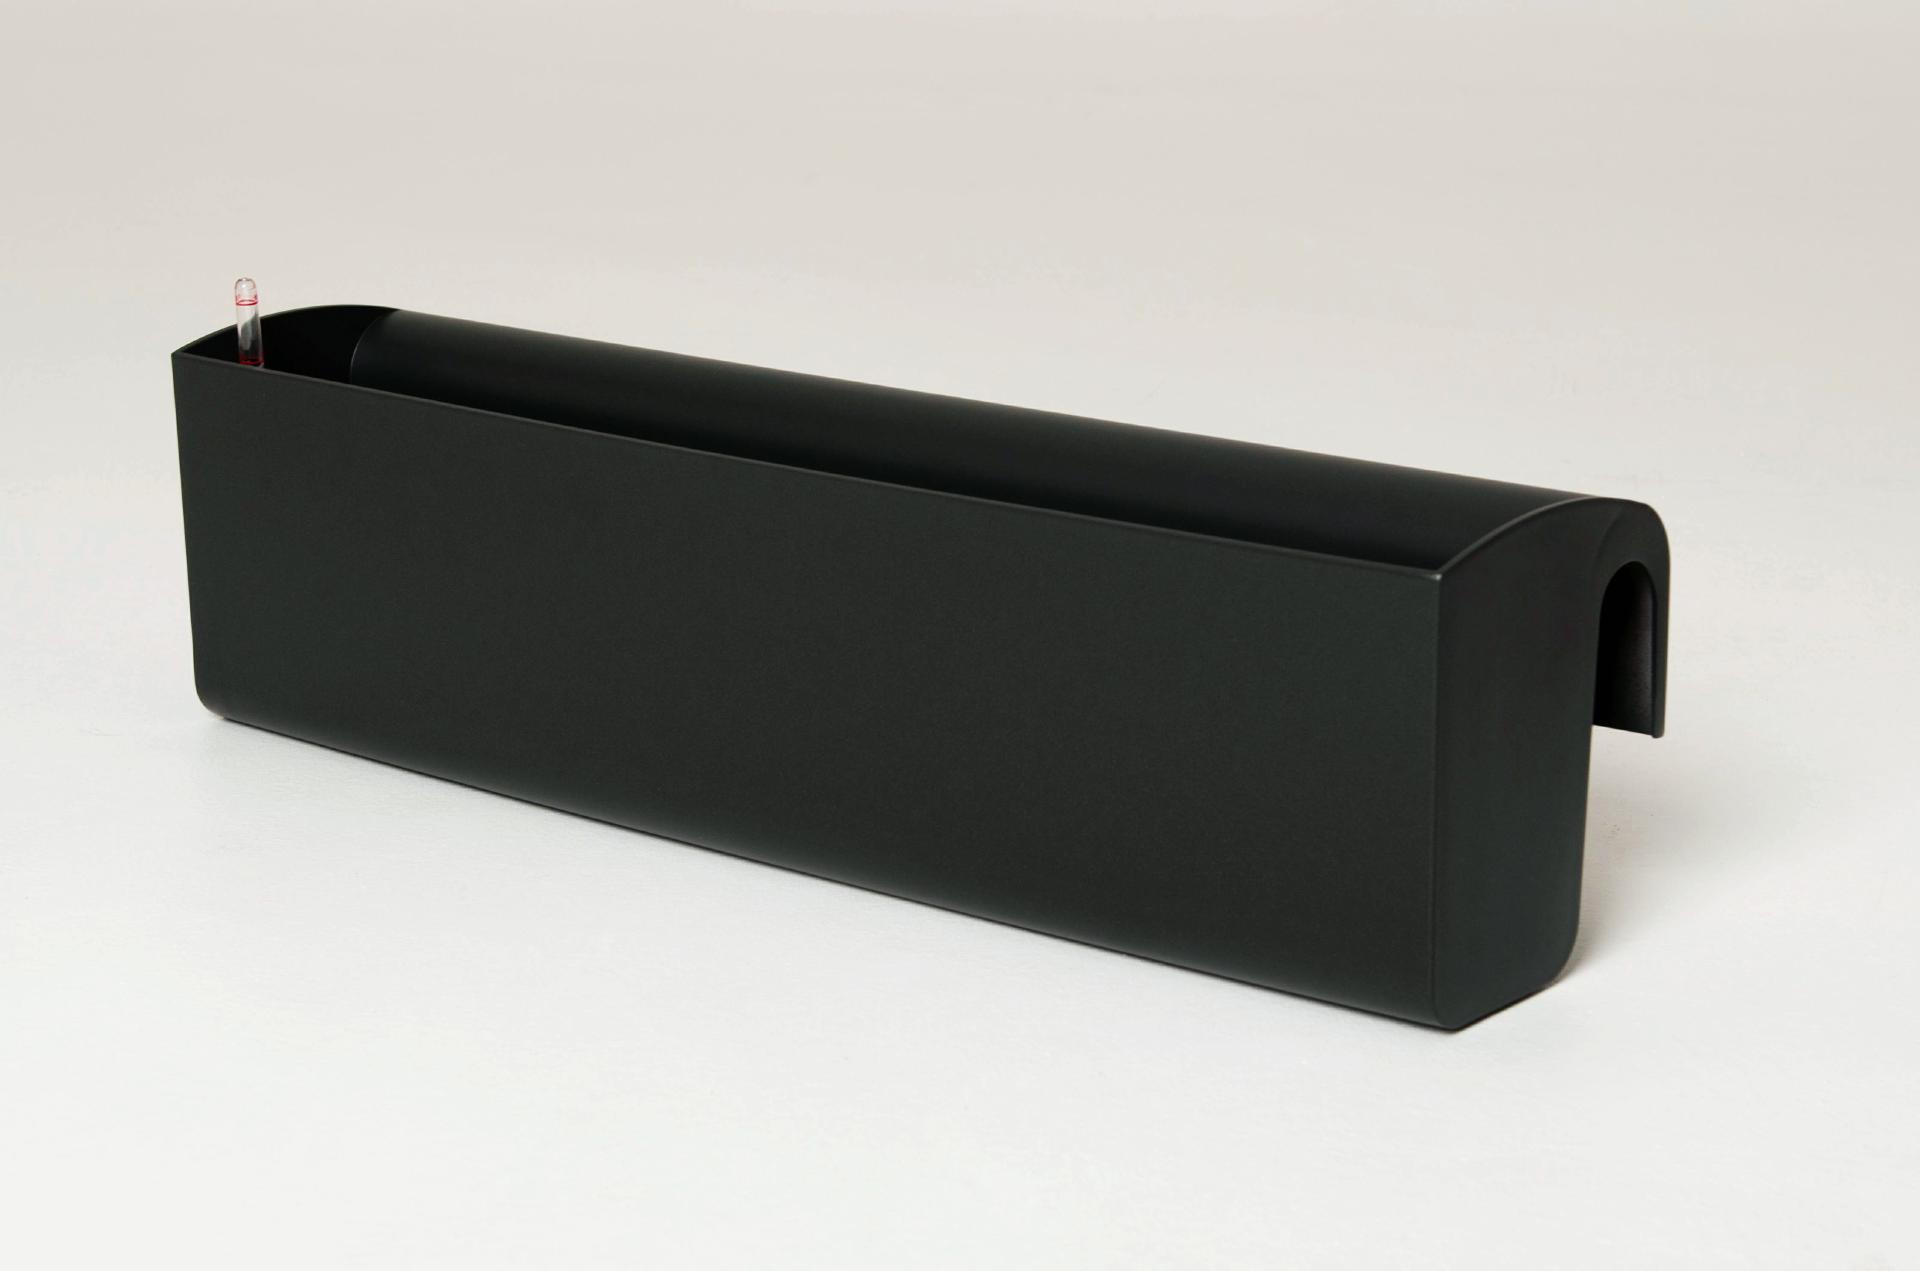 balkonkasten blumenkasten balkona classico 80 cm anthrazit bew sserungsset ebay. Black Bedroom Furniture Sets. Home Design Ideas